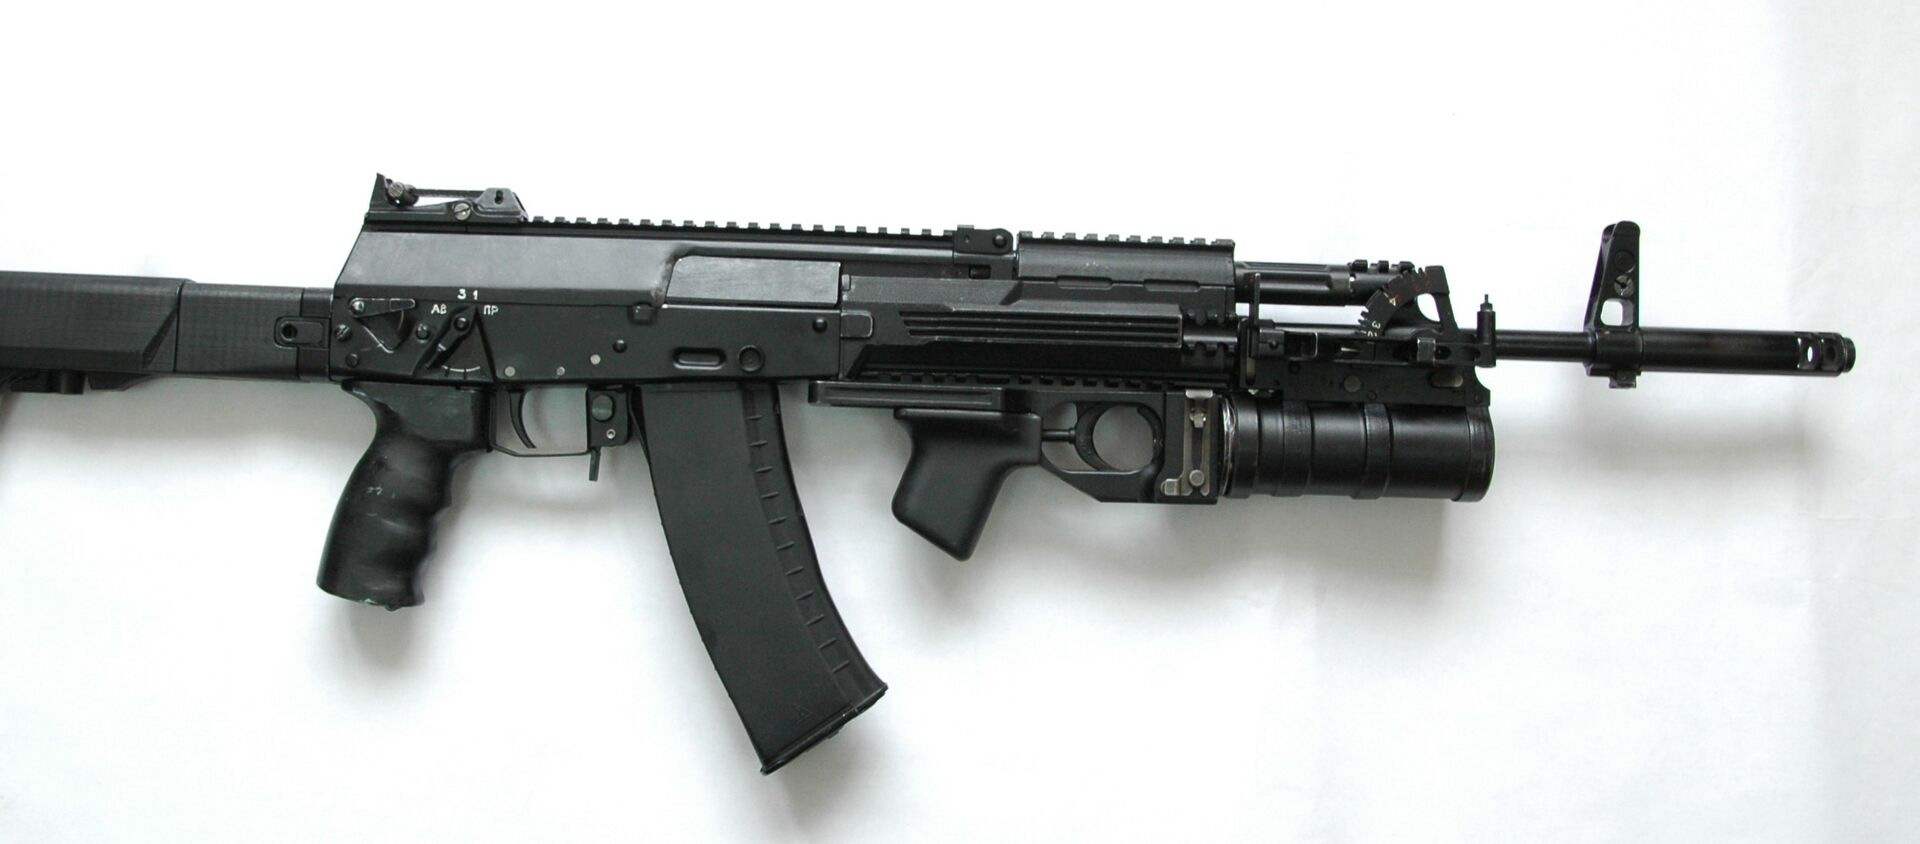 Novi model puške kalašnjikov AK-12 iz 2012. godine - Sputnik Srbija, 1920, 23.12.2020